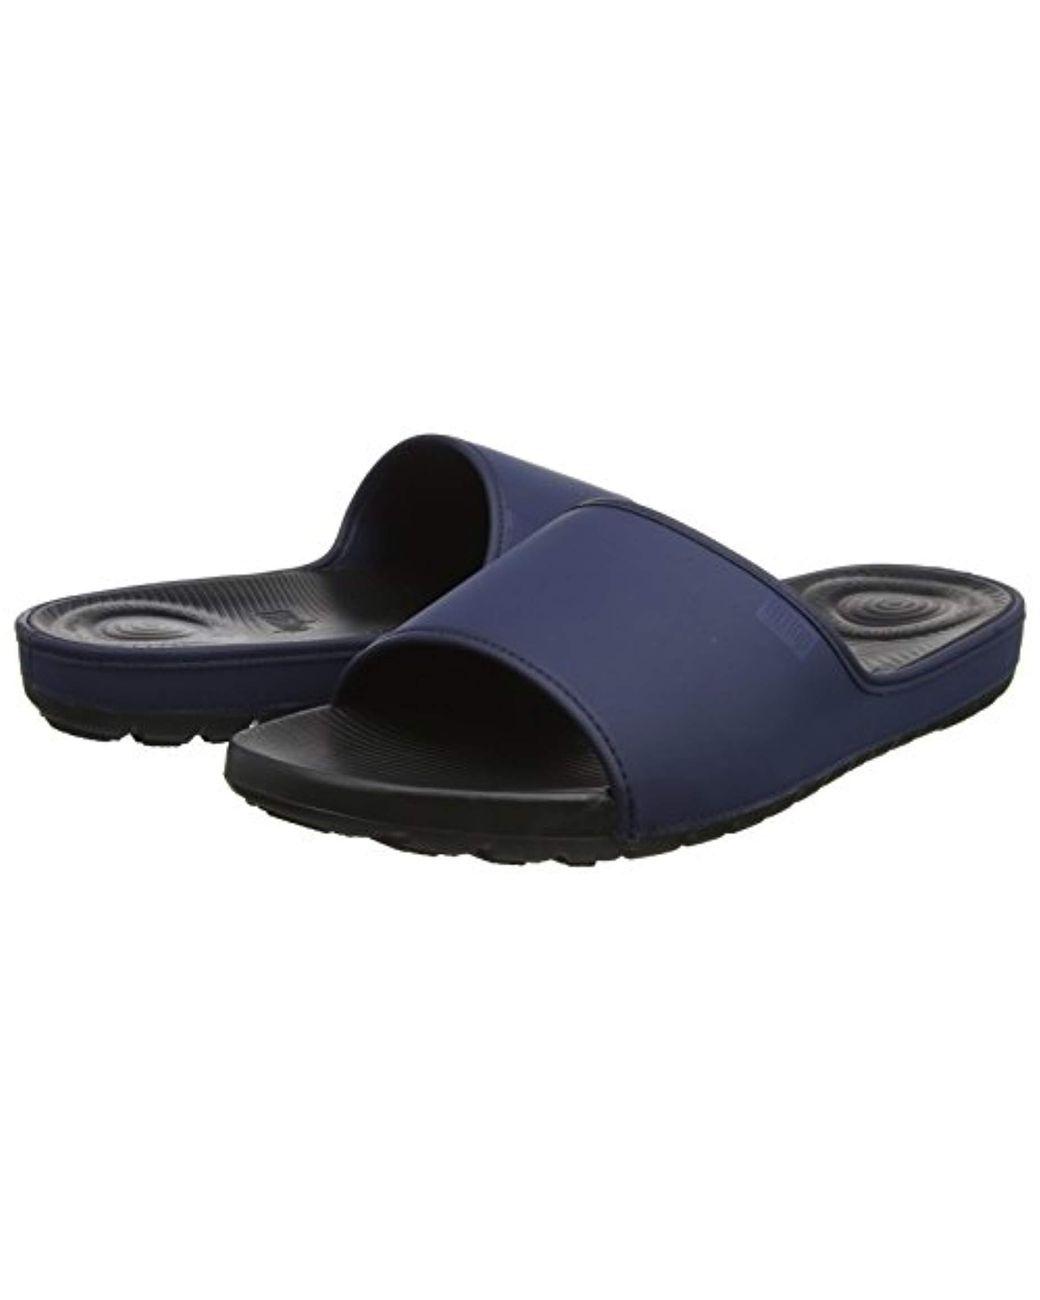 e2427bdb77f9e Fitflop Lido Slide Sandals In Neoprene in Blue for Men - Lyst